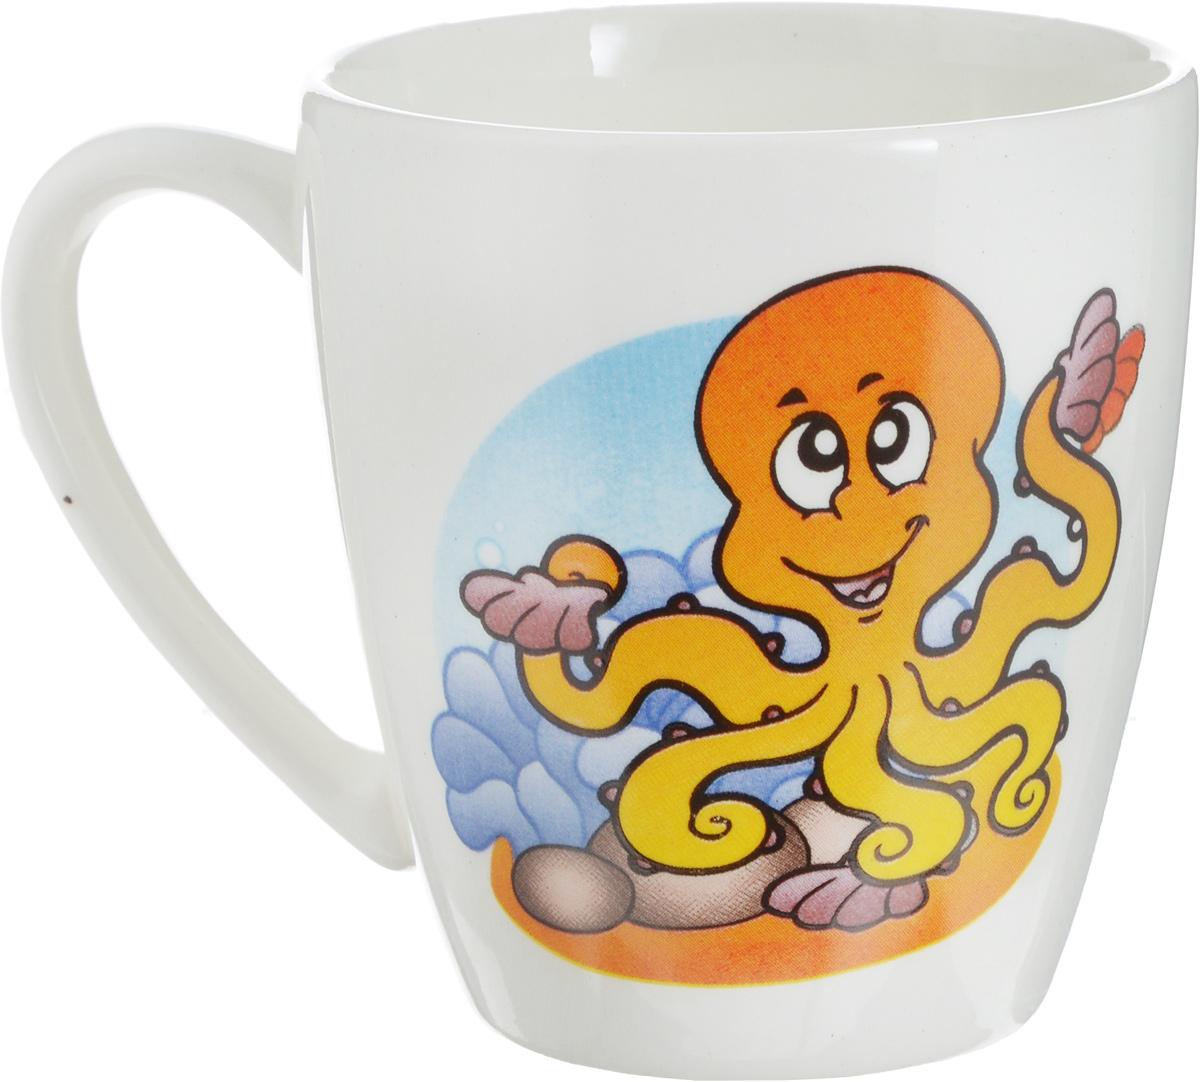 """Фаянсовая детская кружка Кубаньфарфор """"Морской мир: Осьминог"""" с  забавным рисунком понравится каждому  малышу.  Изделие из  качественного материала станет правильным выбором для повседневной  эксплуатации и поможет превратить каждый  прием пищи в радостное  приключение.Кружка легко моется, не впитывает запахи, а рисунок  имеет насыщенный цвет. Благодаря  безопасному материалу кружка  подойдет для любых напитков. Объем кружки - 220 мл.  Оригинальная детская кружка непременно порадует ребенка."""